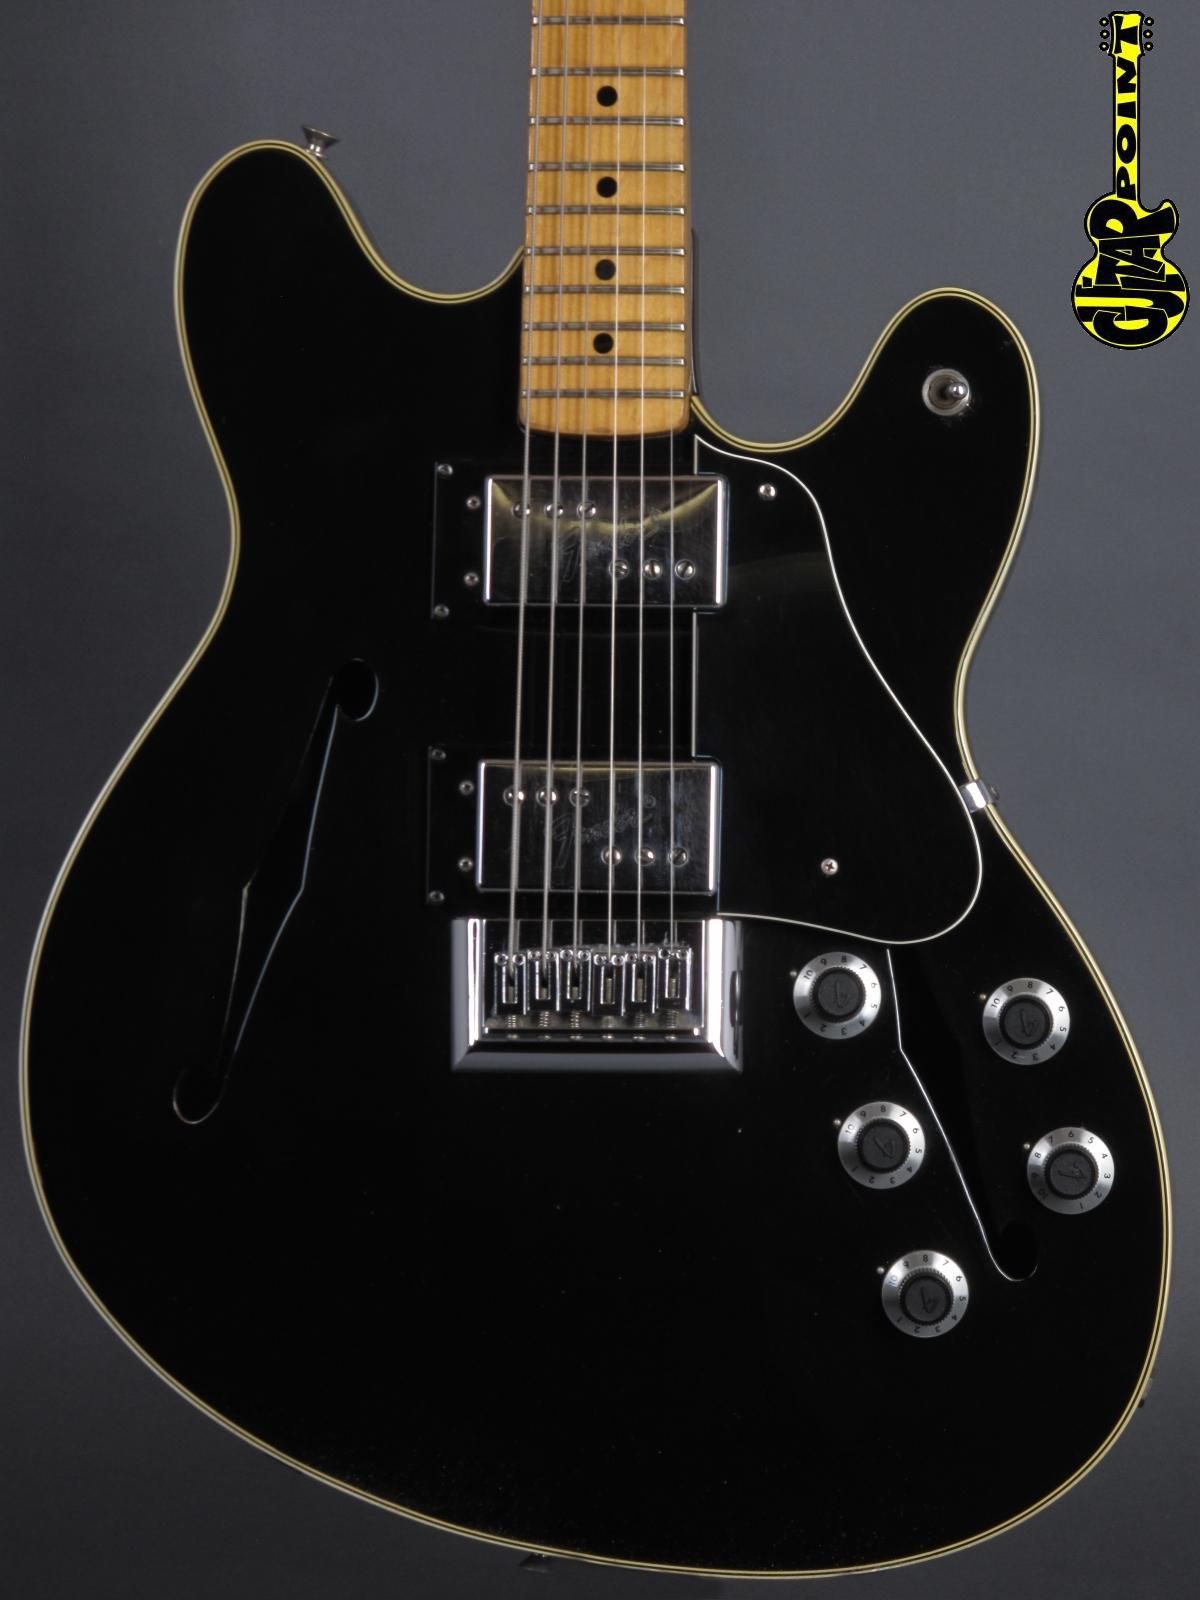 1975 Fender Starcaster - Black